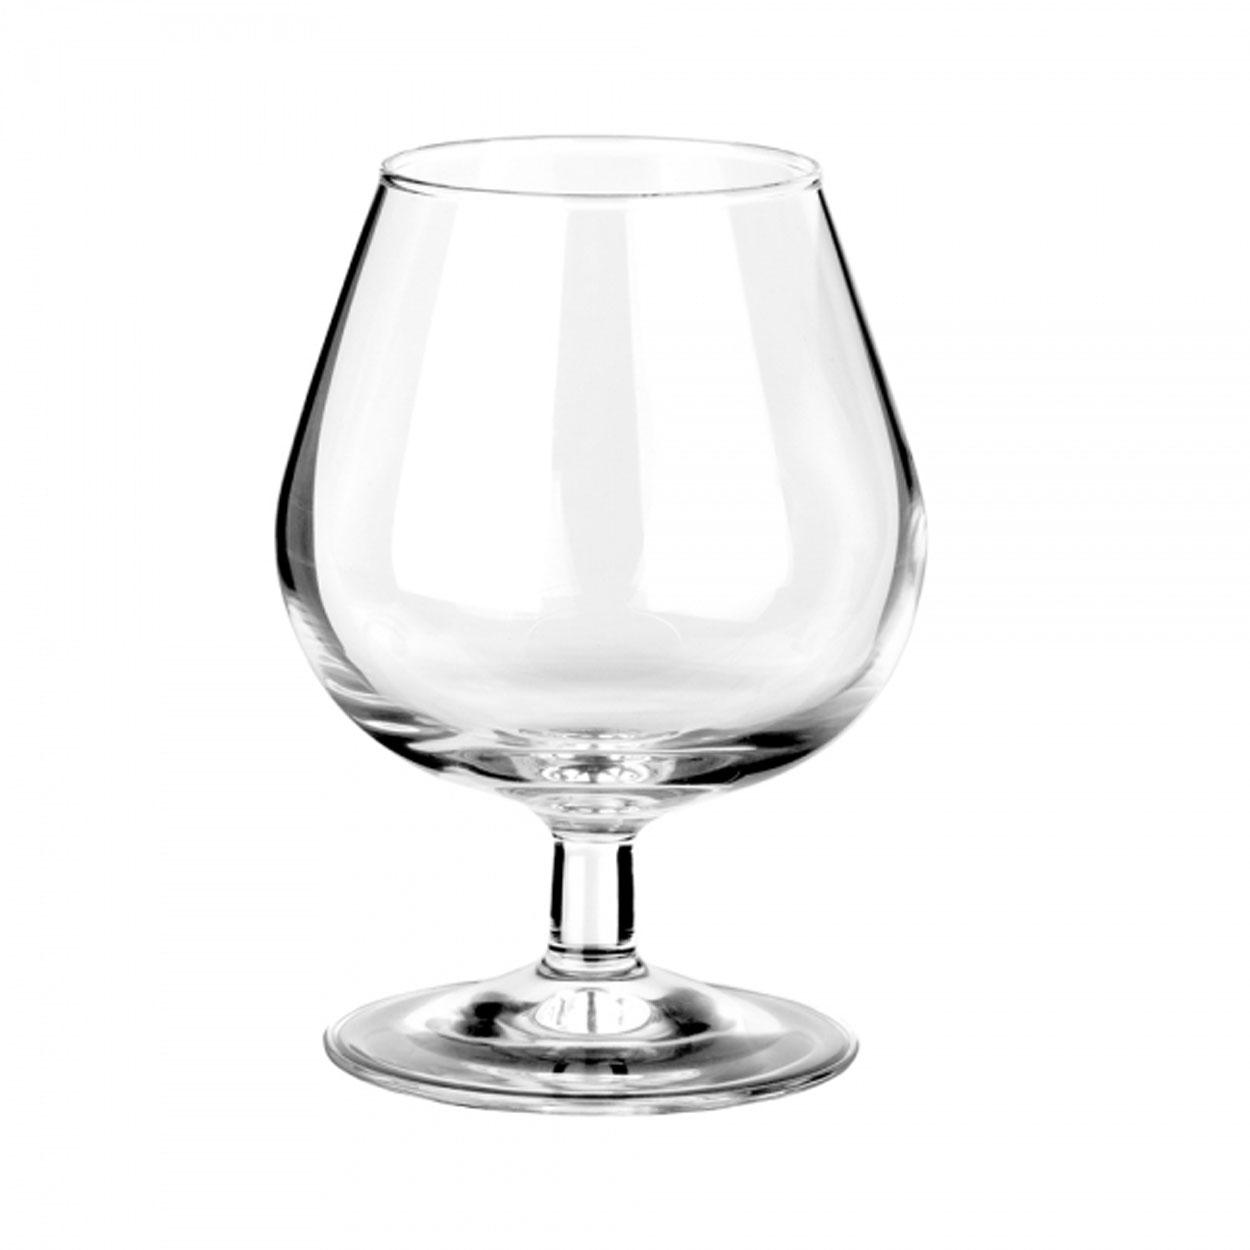 Набор бокалов для коньяка Luminarc Французский ресторанчик, 250 мл, 6 шт стакан французский ресторанчик 330мл высокий